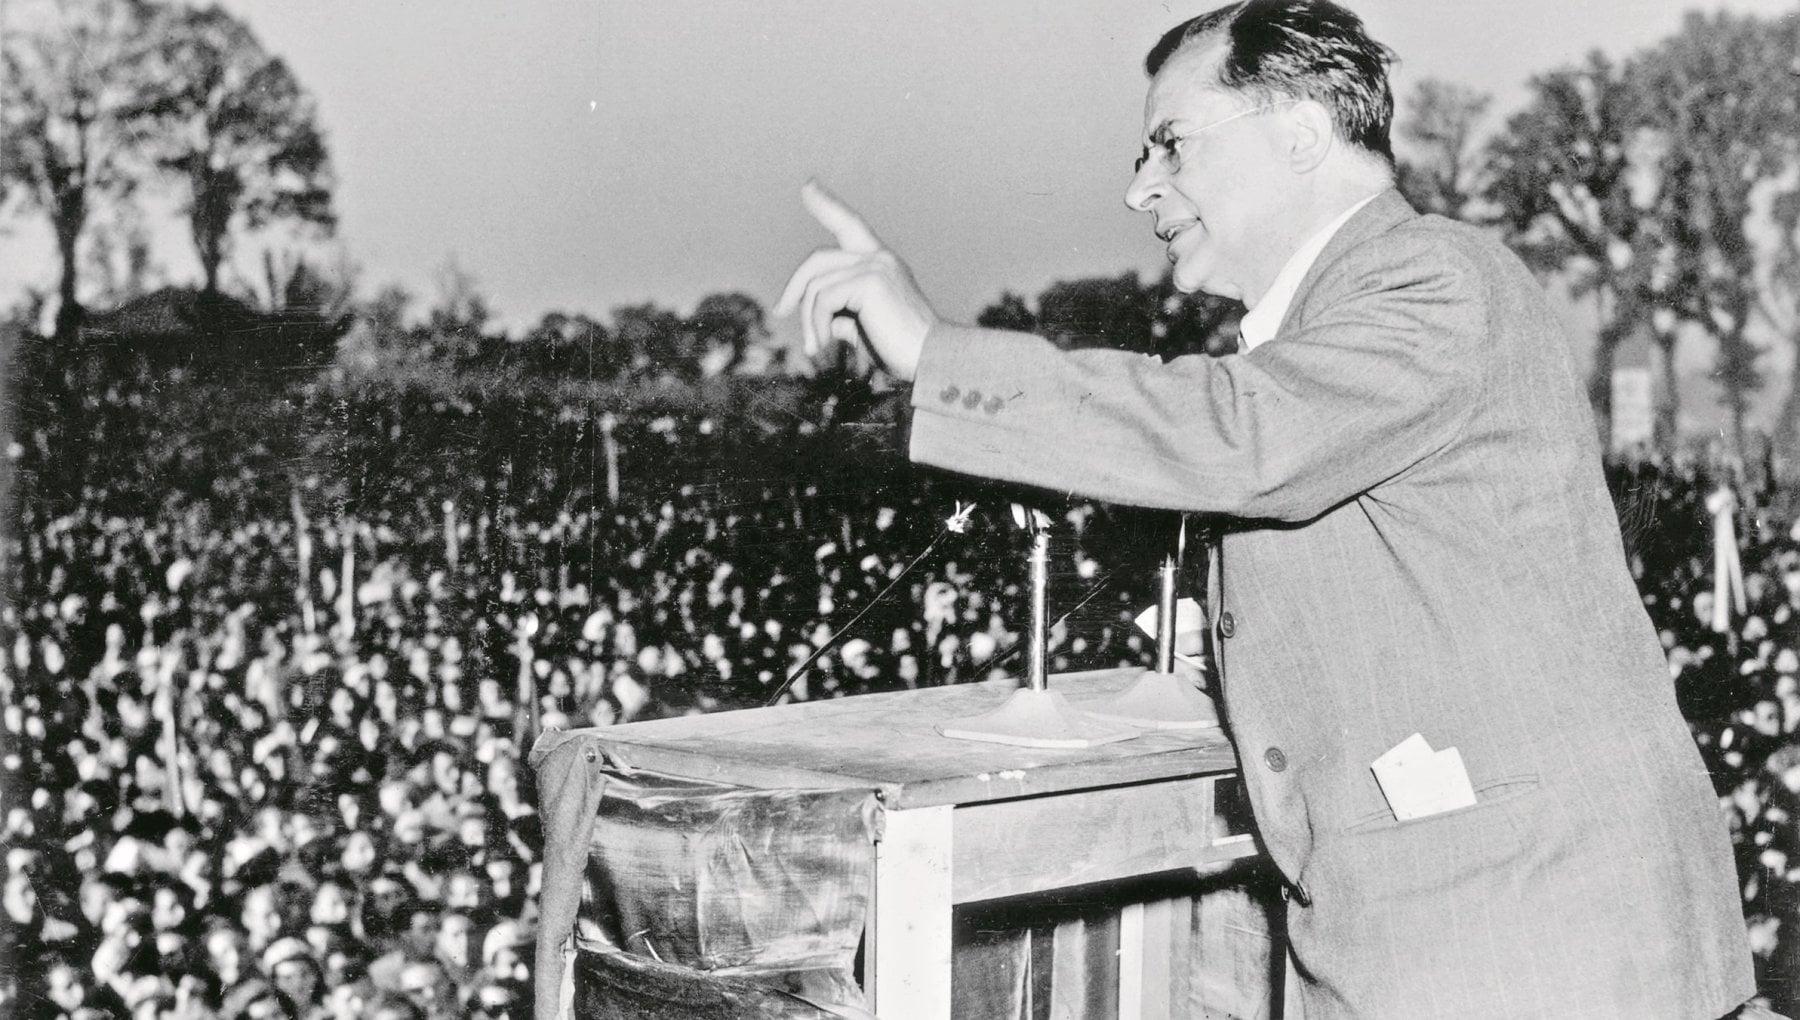 Giovanni Gozzini Furono i compagni a salvare la democrazia